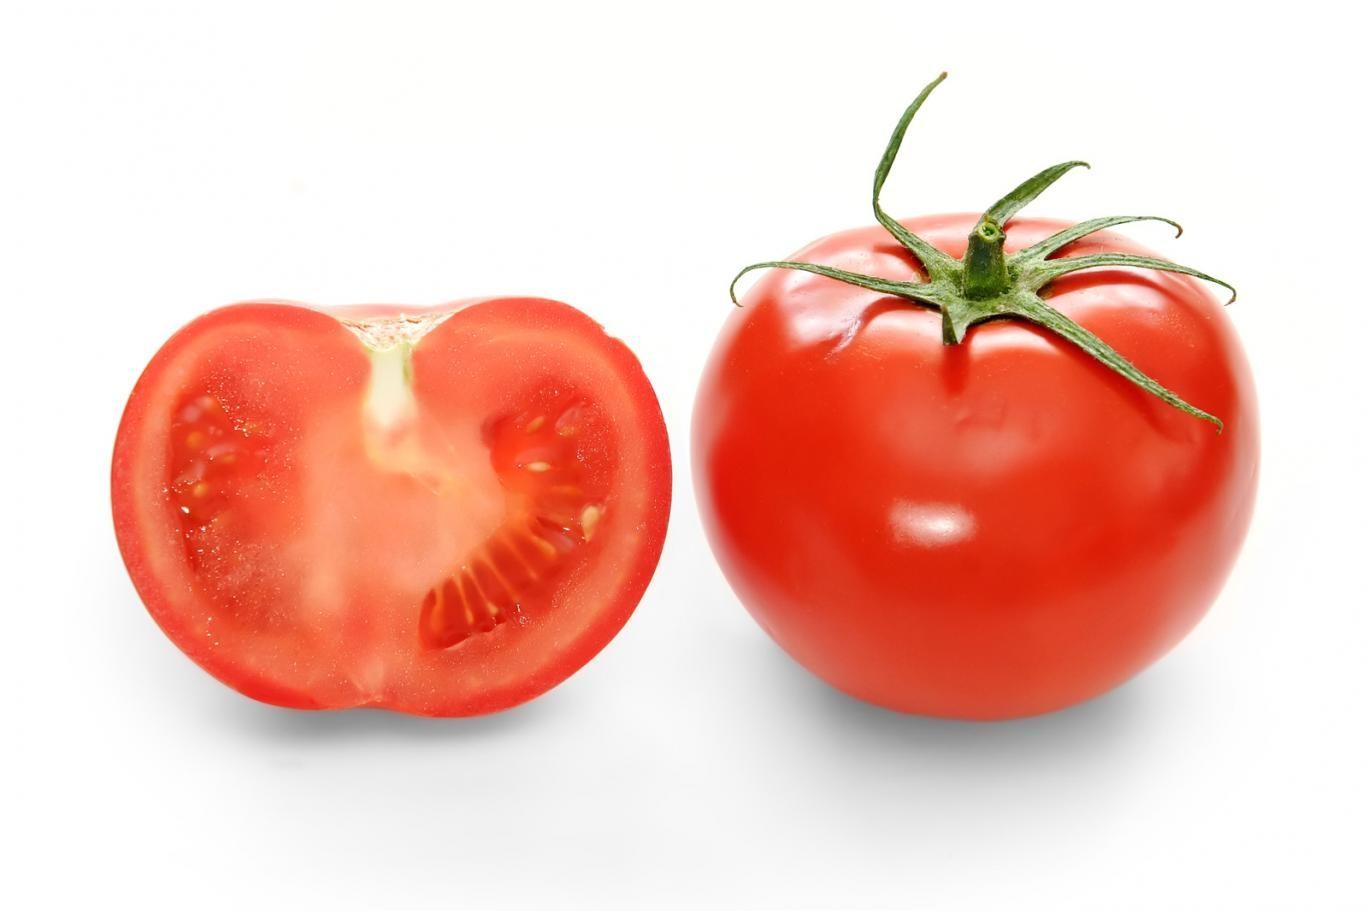 طماطم معدلة وراثيا بنكهة مدهشة!